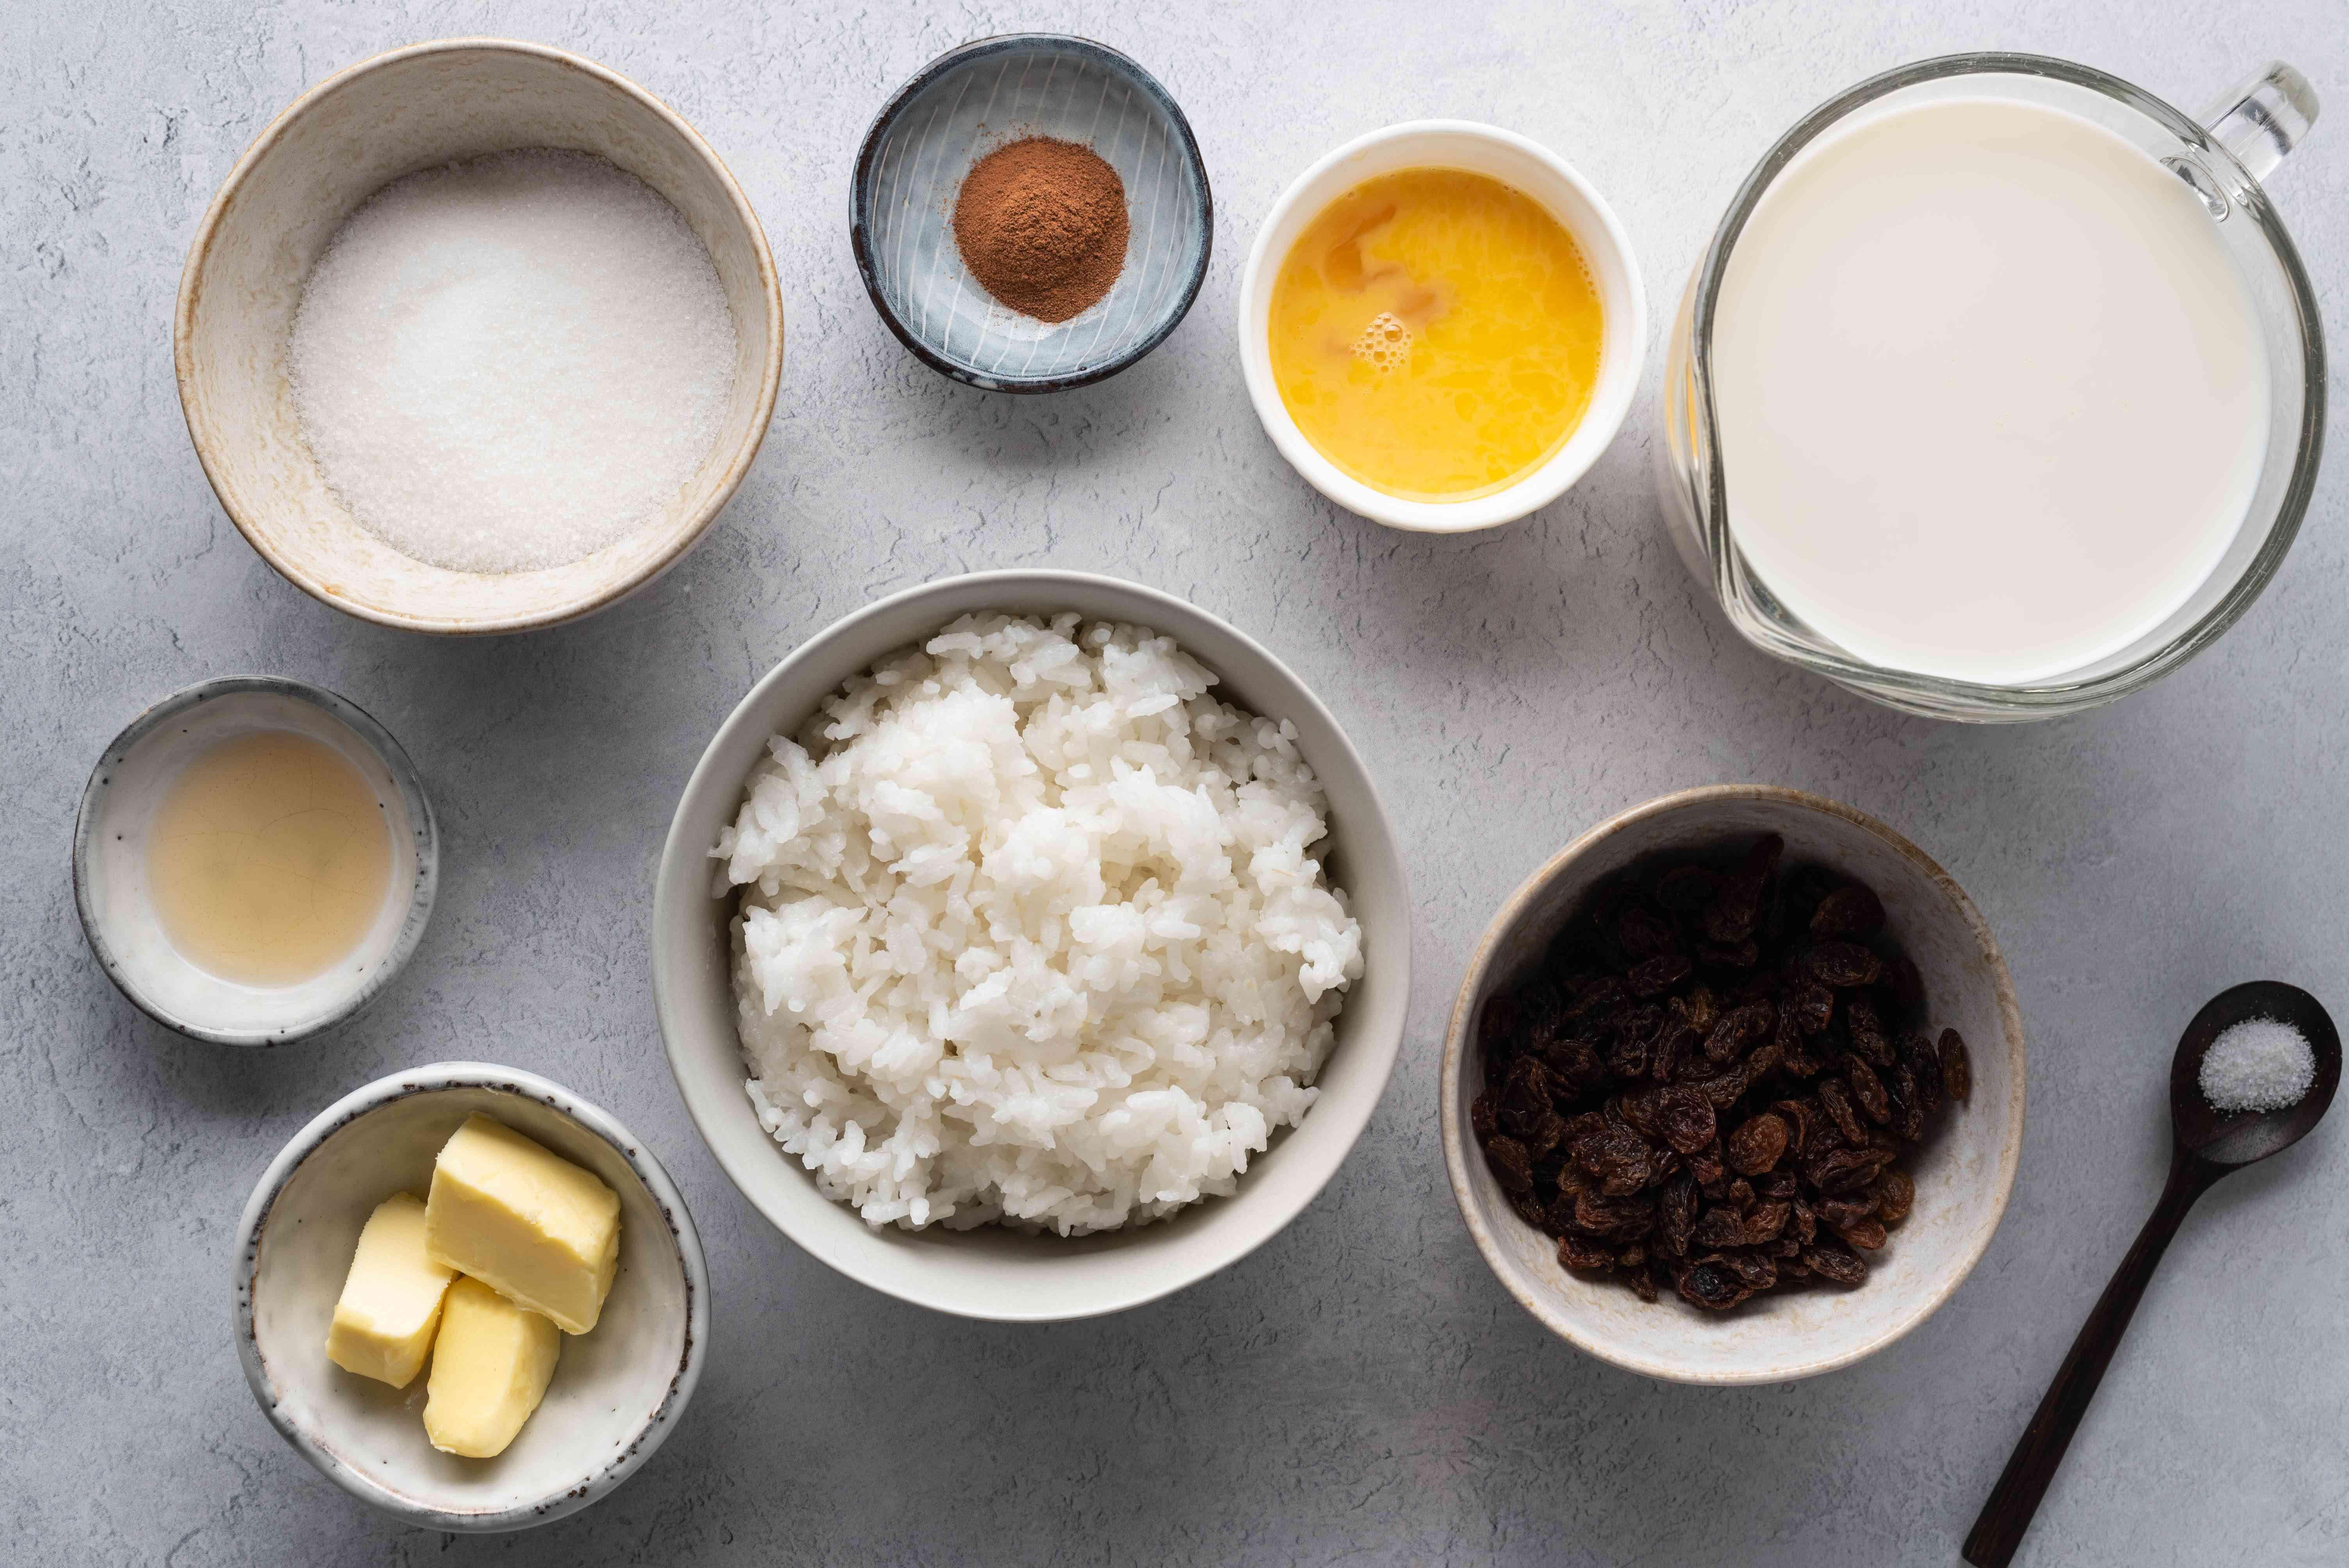 Stovetop Rice Pudding ingredients